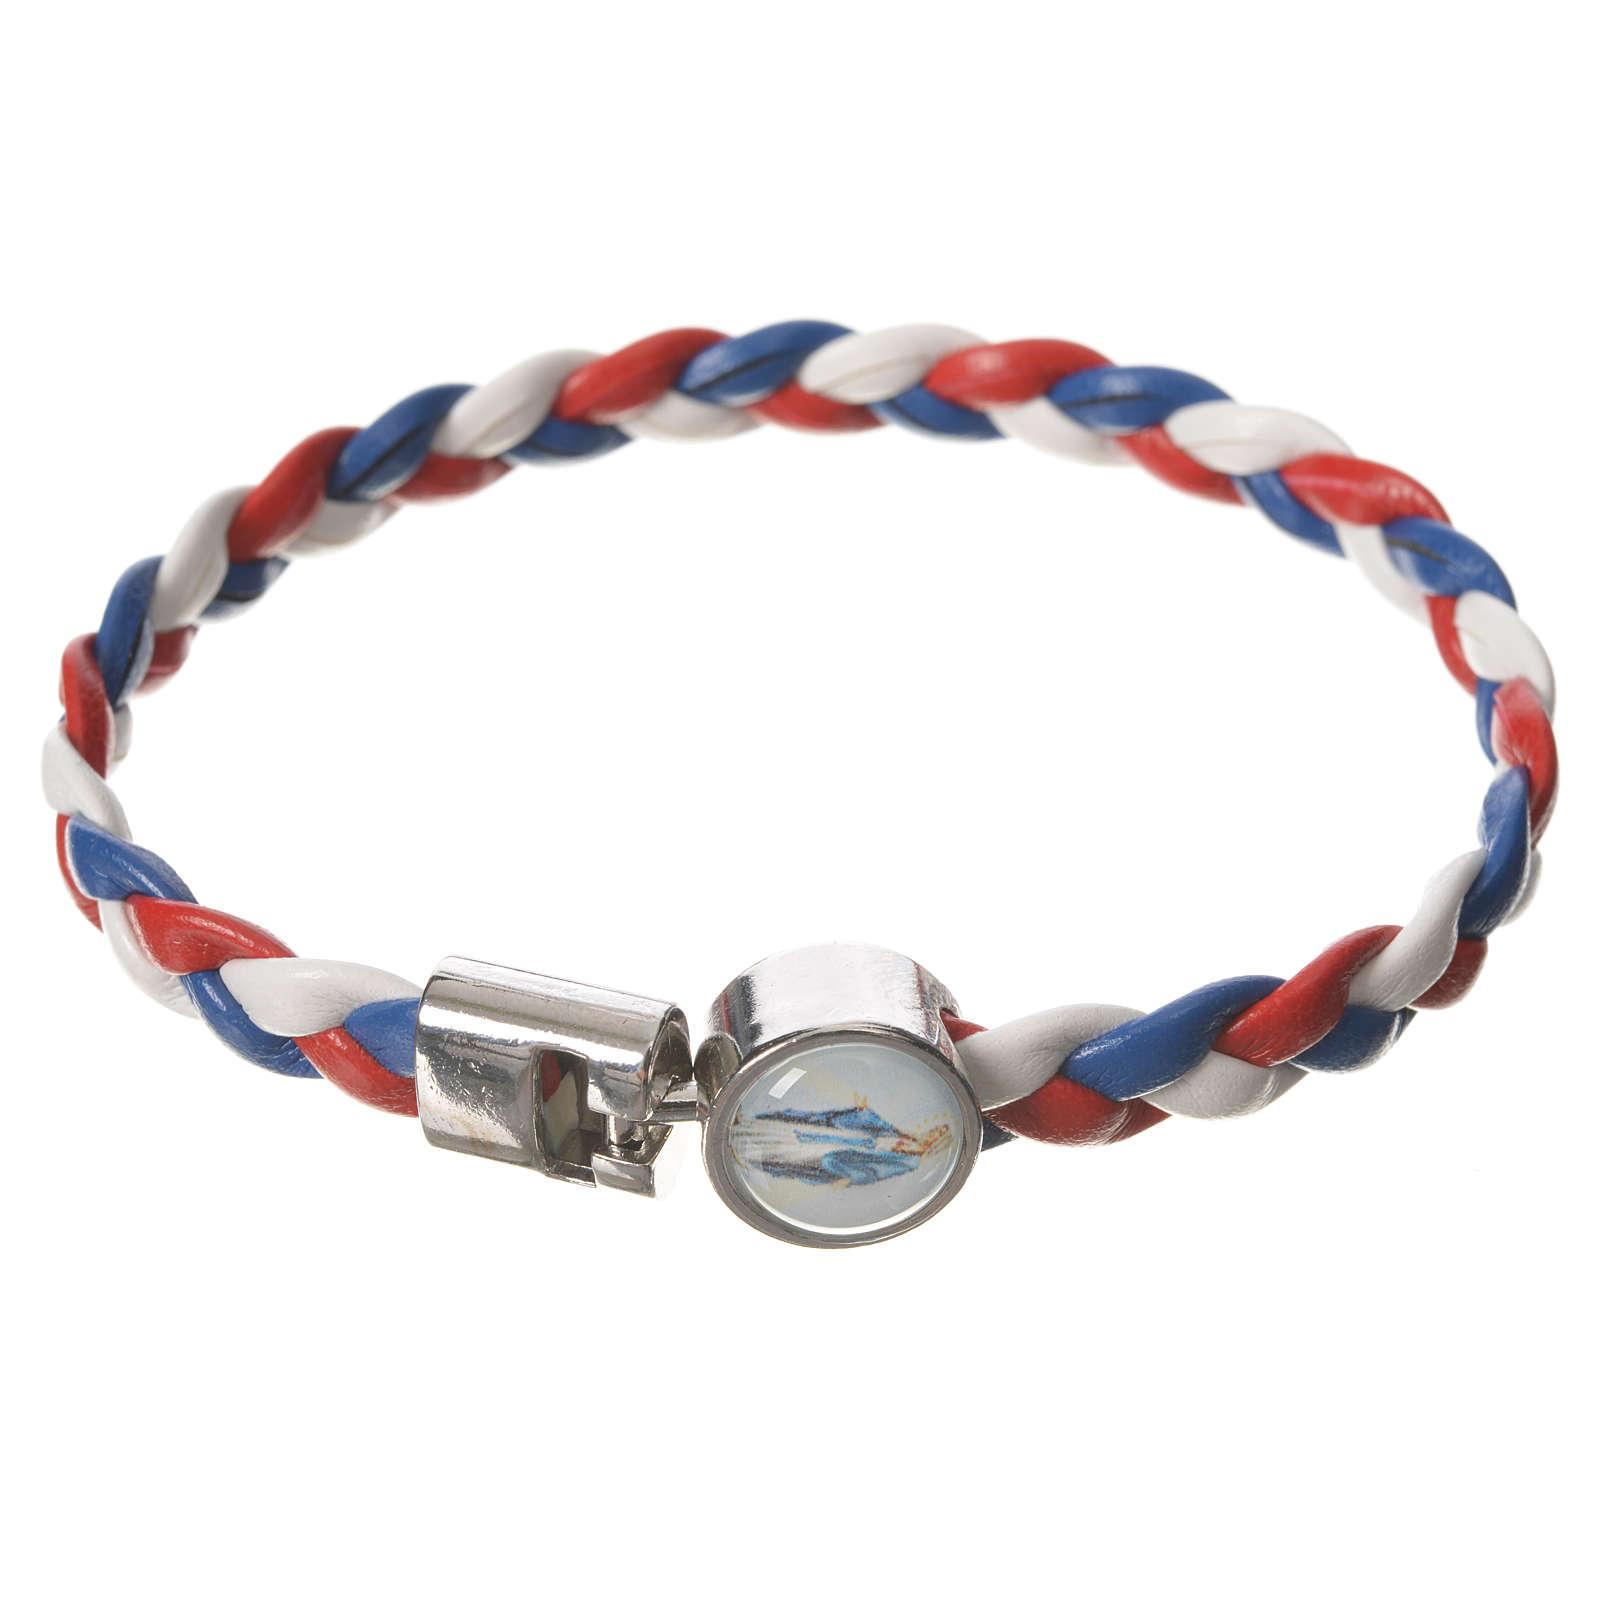 Bracciale intrecciato bianco rosso blu 20cm Miracolosa 4